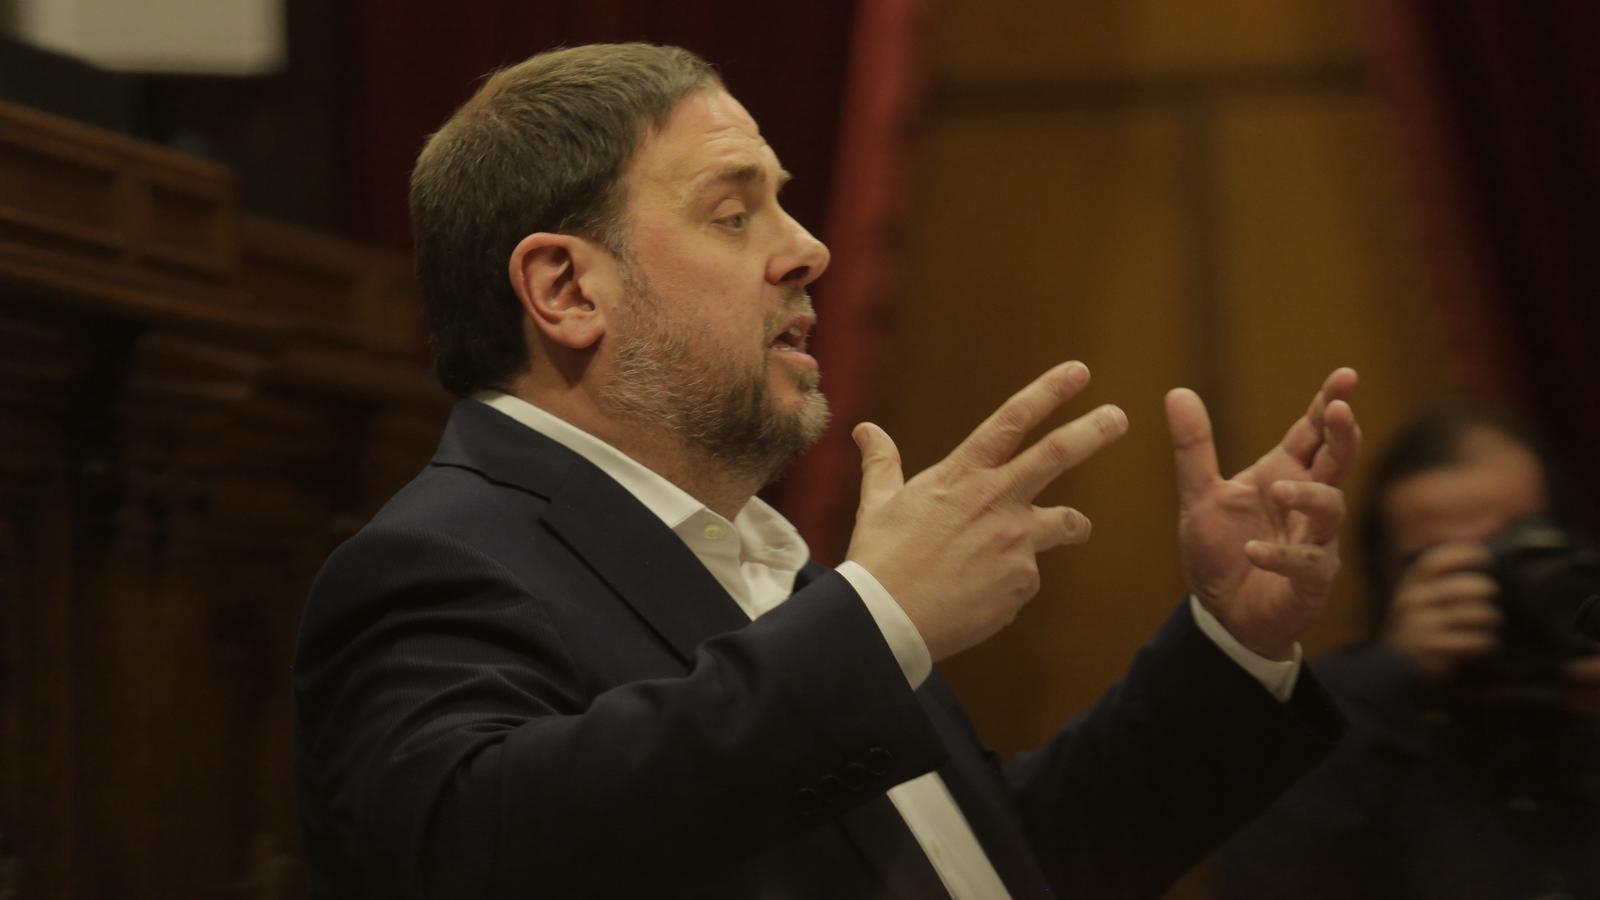 Govern | Projecte de Llei de Pressupostos per l'any 2018 Oriol-Junqueras-durant-debat-pressupostos_1708639298_41988205_420x280